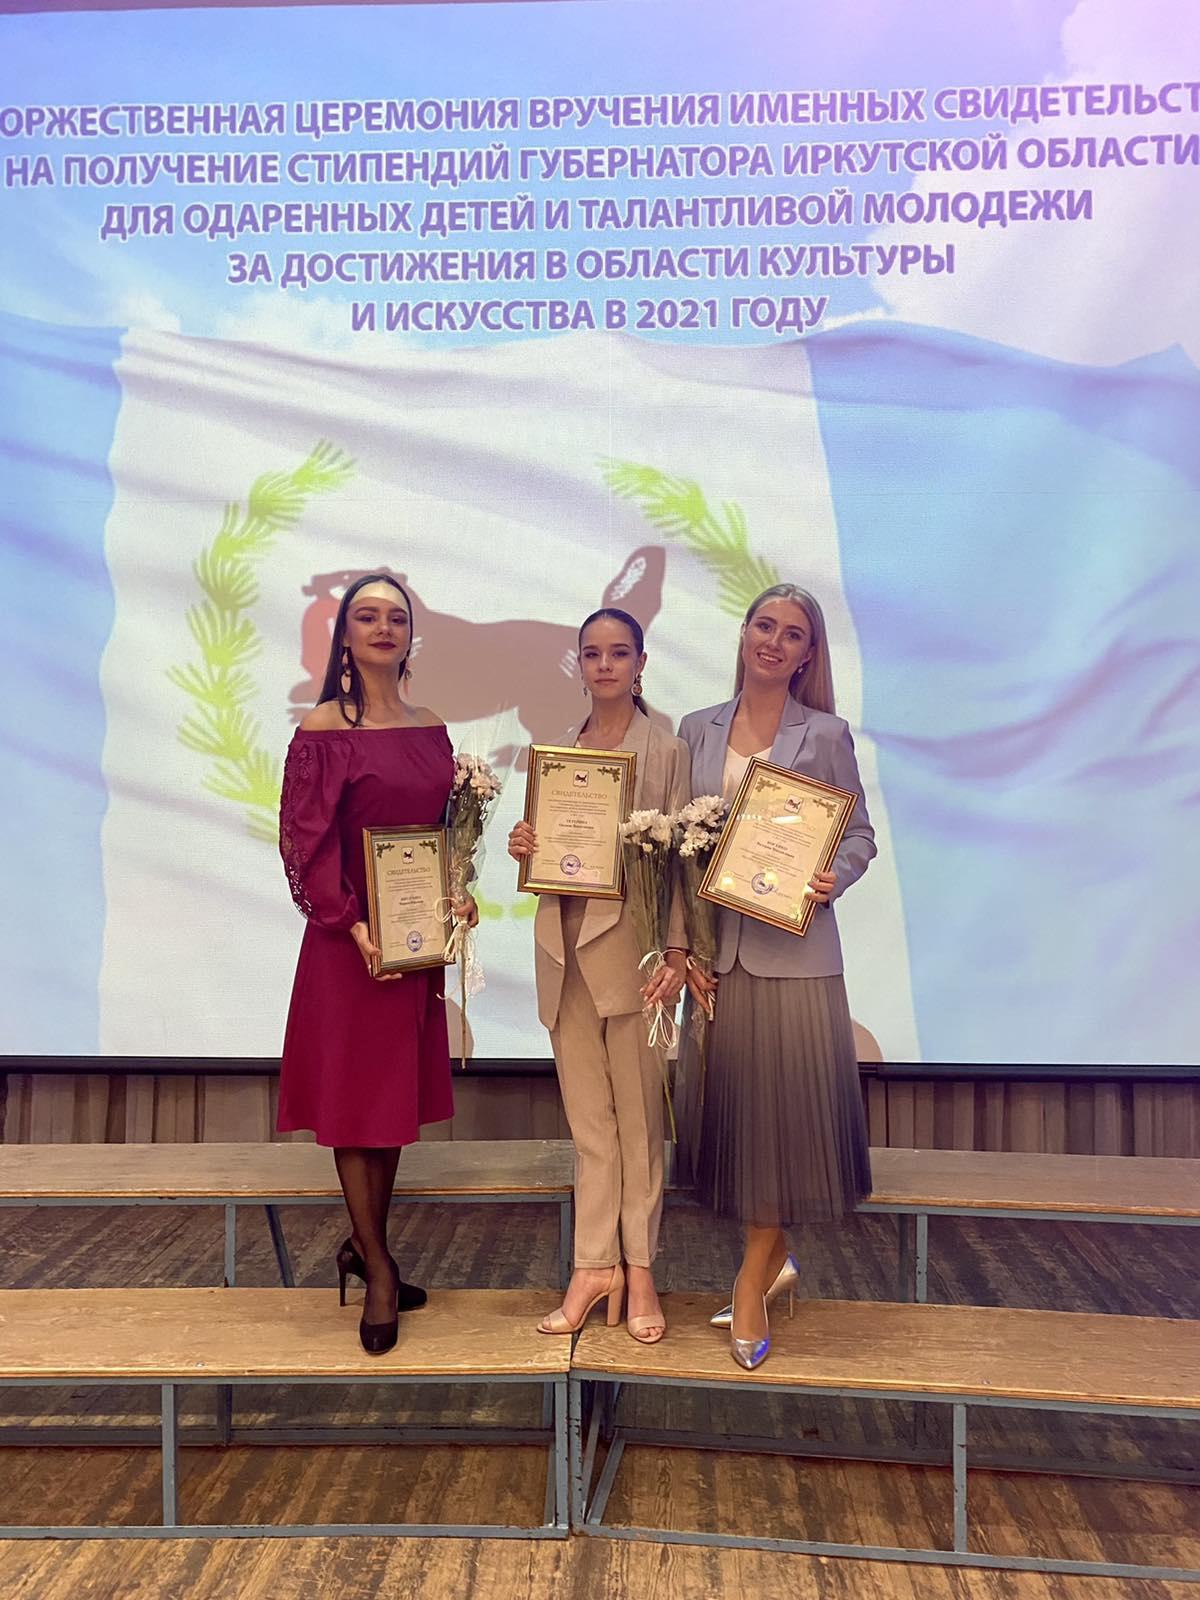 Вручение стипендии Губернатора Иркутской области